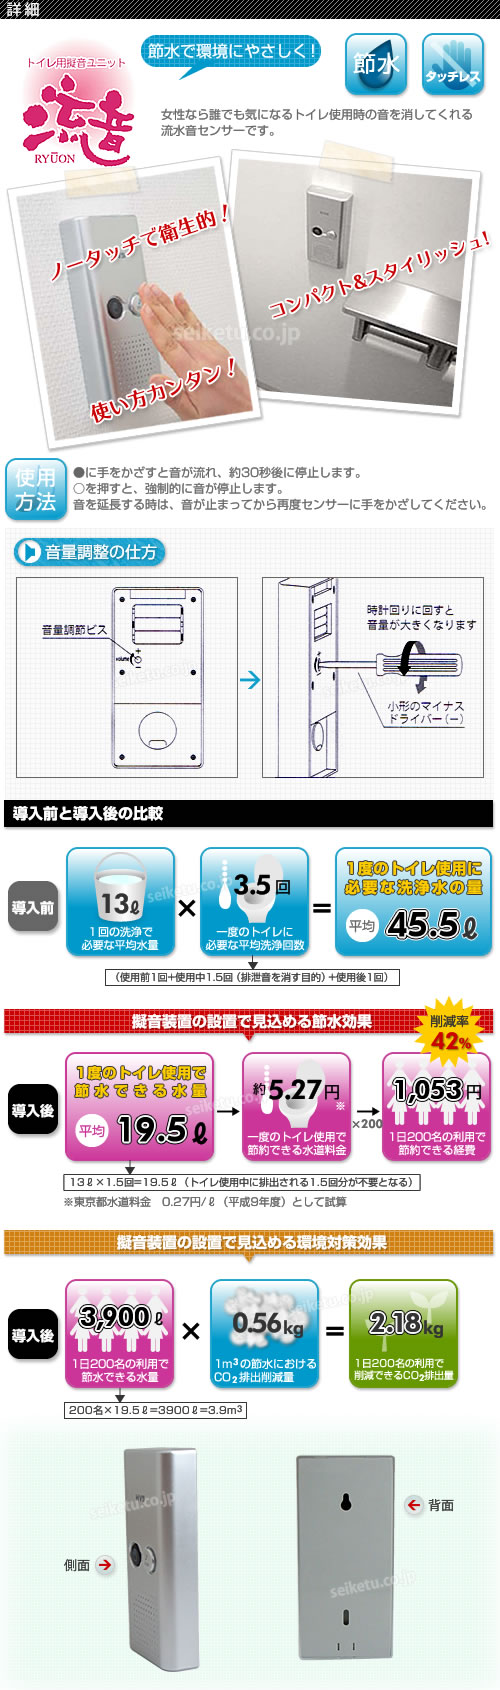 流音(トイレ用擬音ユニット)【受注生産品】